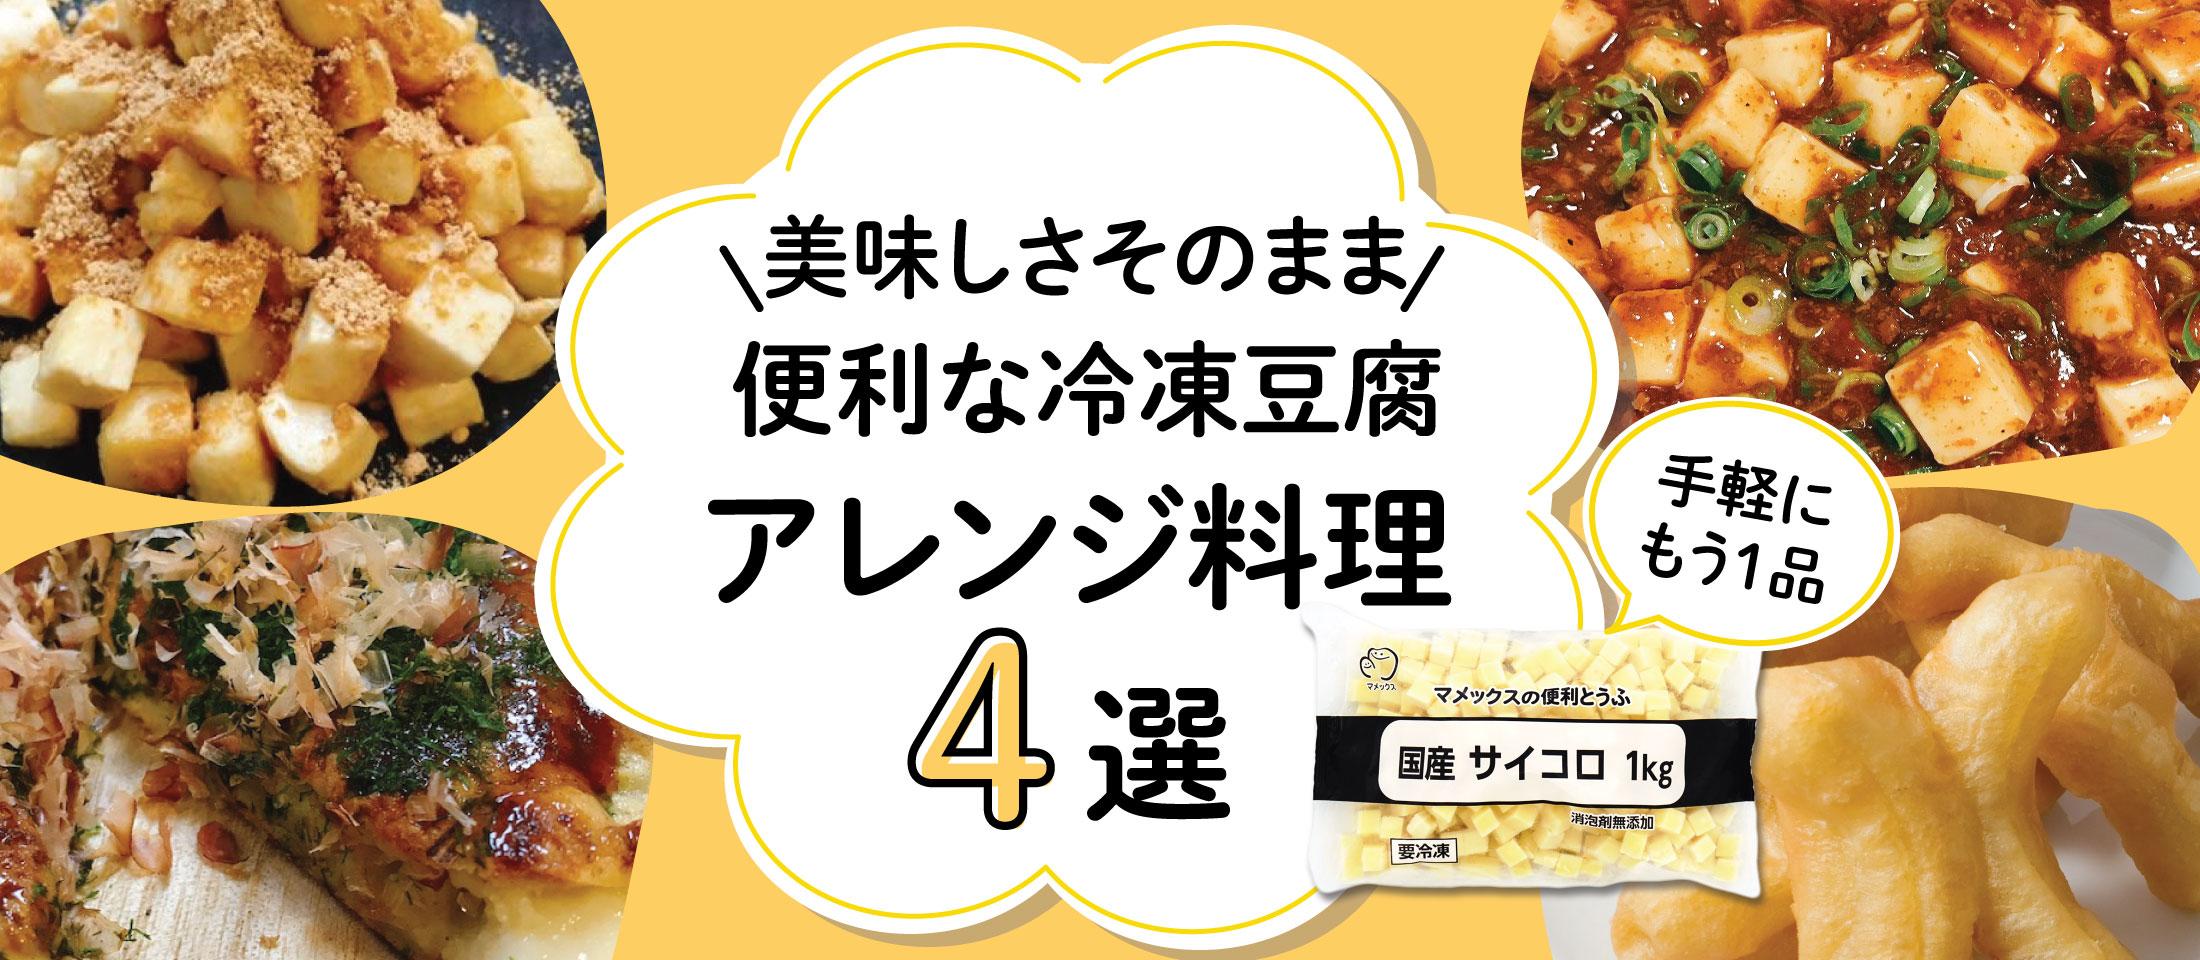 便利な冷凍豆腐でアレンジ料理特集4選 業務用食品・冷凍食品おすすめ 業務用食品・冷凍食品の通販 |ナカヤマフーズ